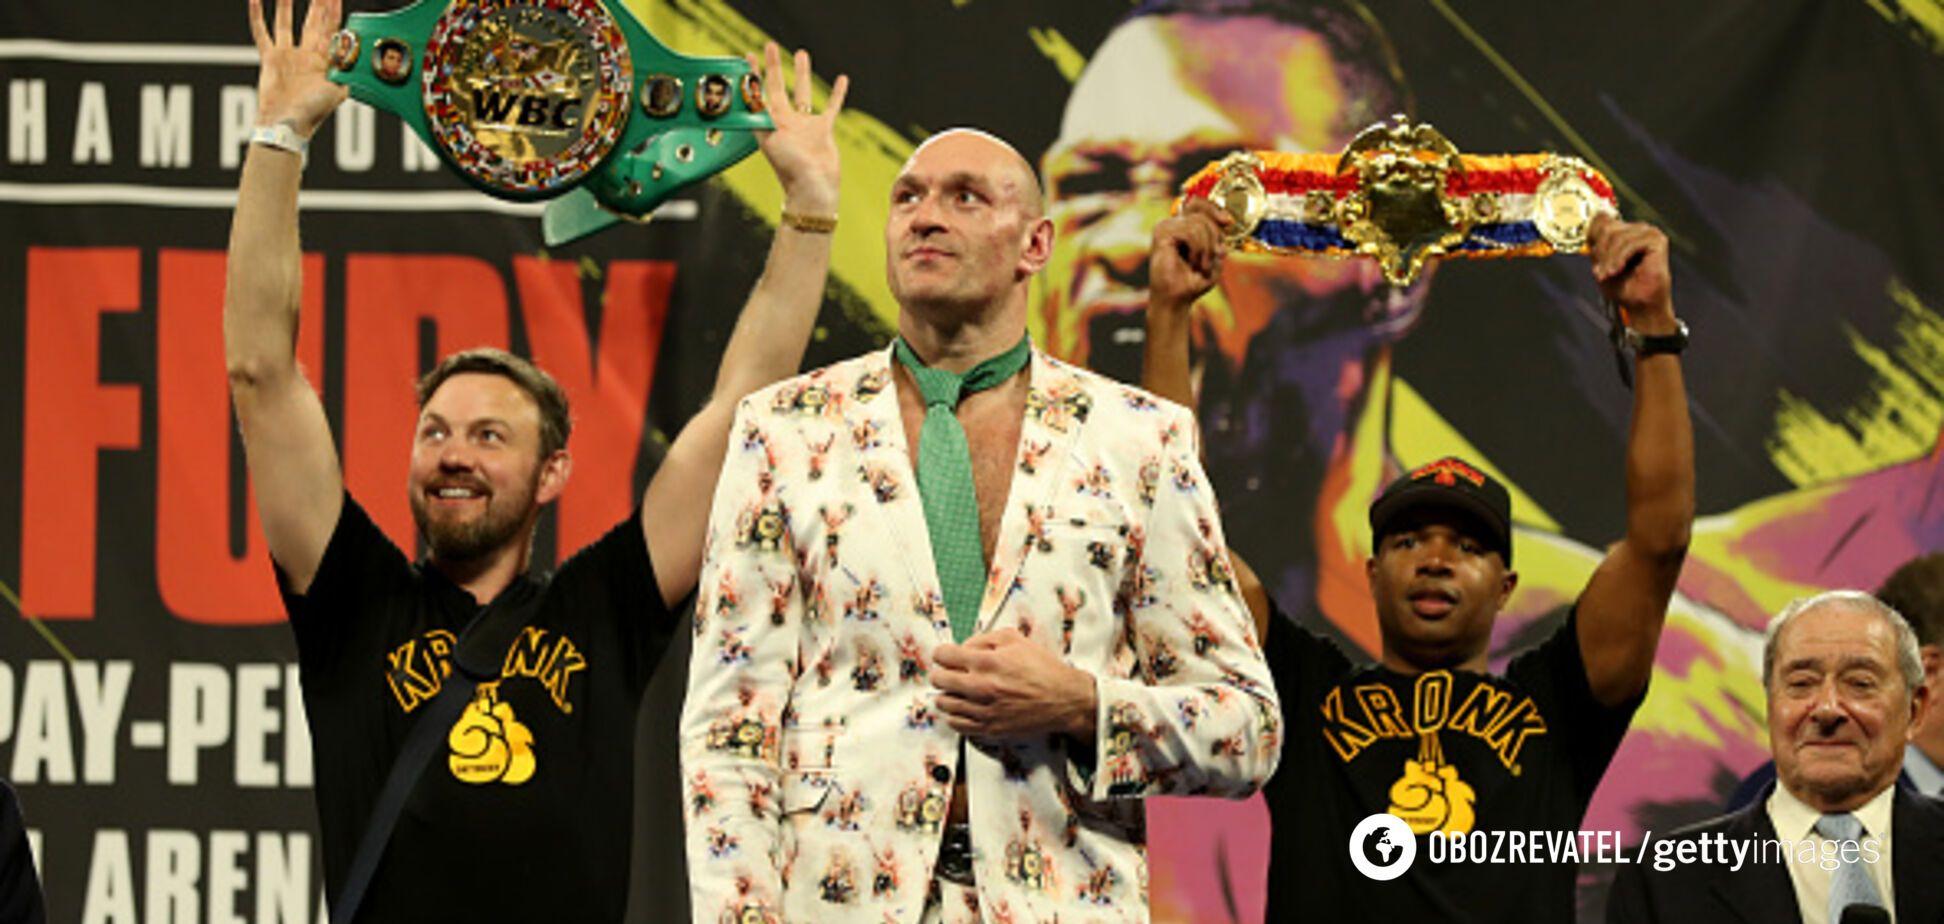 Впервые в истории! Тайсон Фьюри установил рекорд мирового бокса